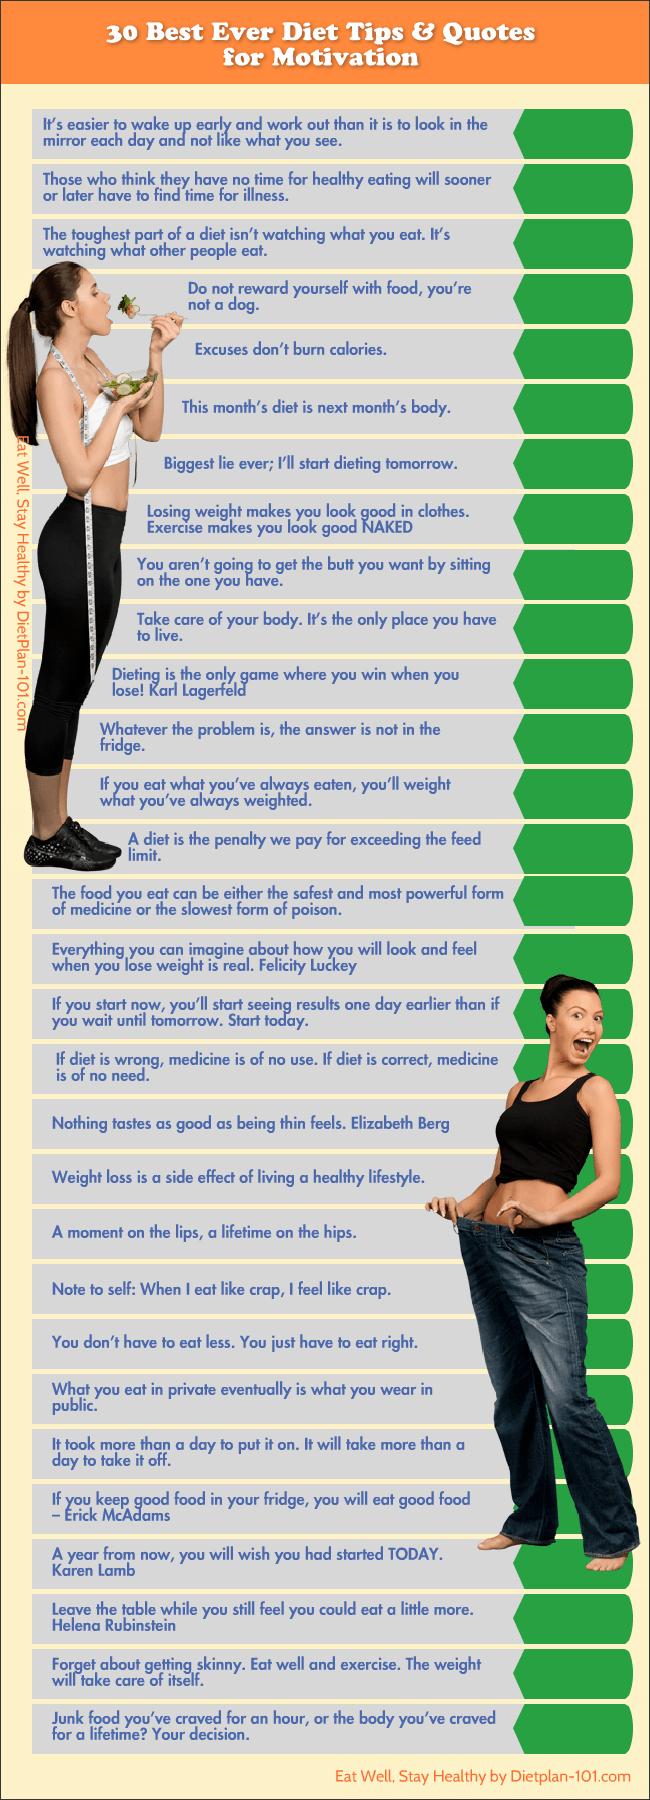 Diet Motivation Quotes. QuotesGram